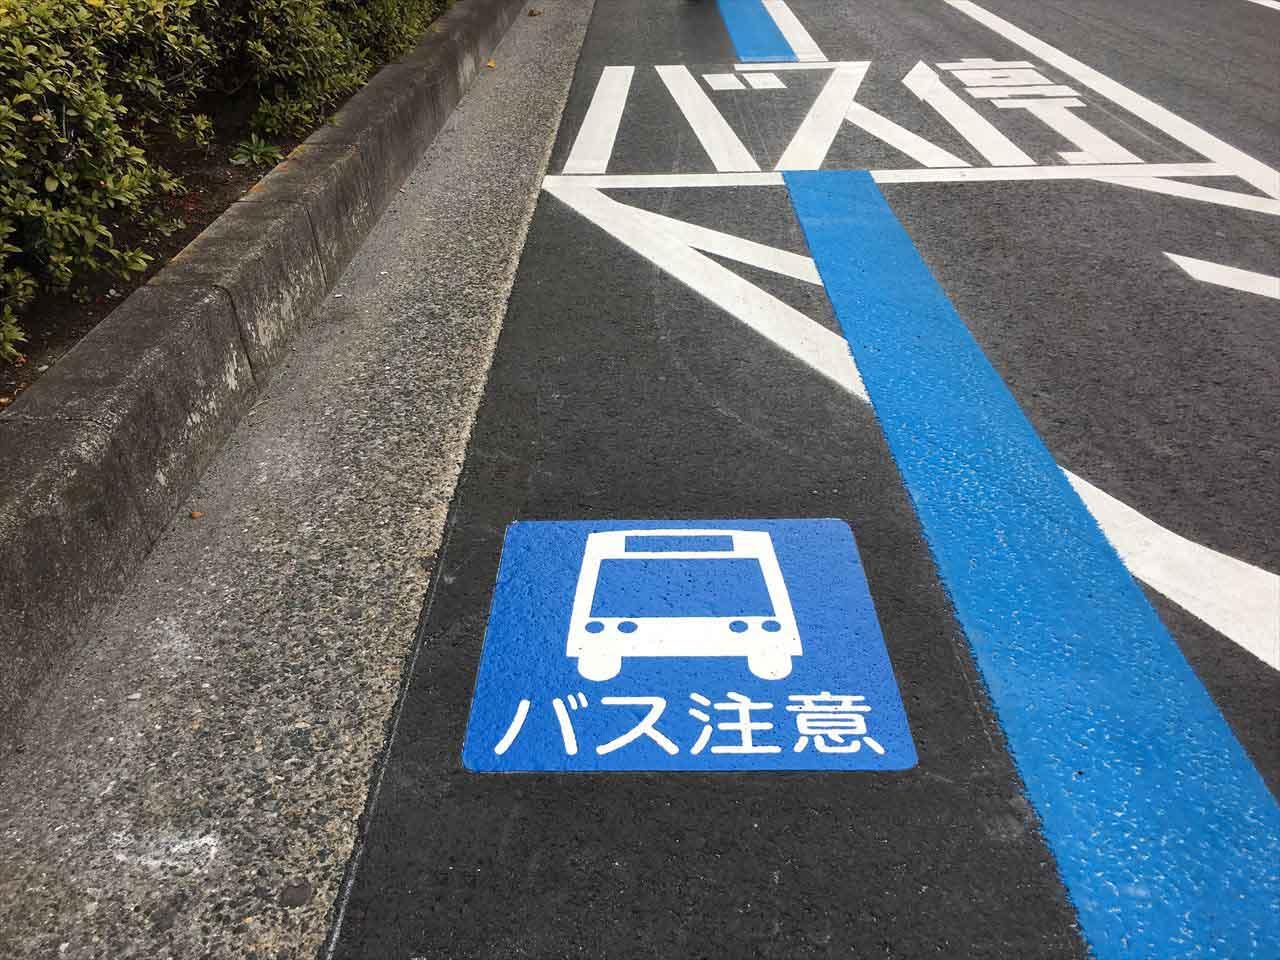 バス停注意